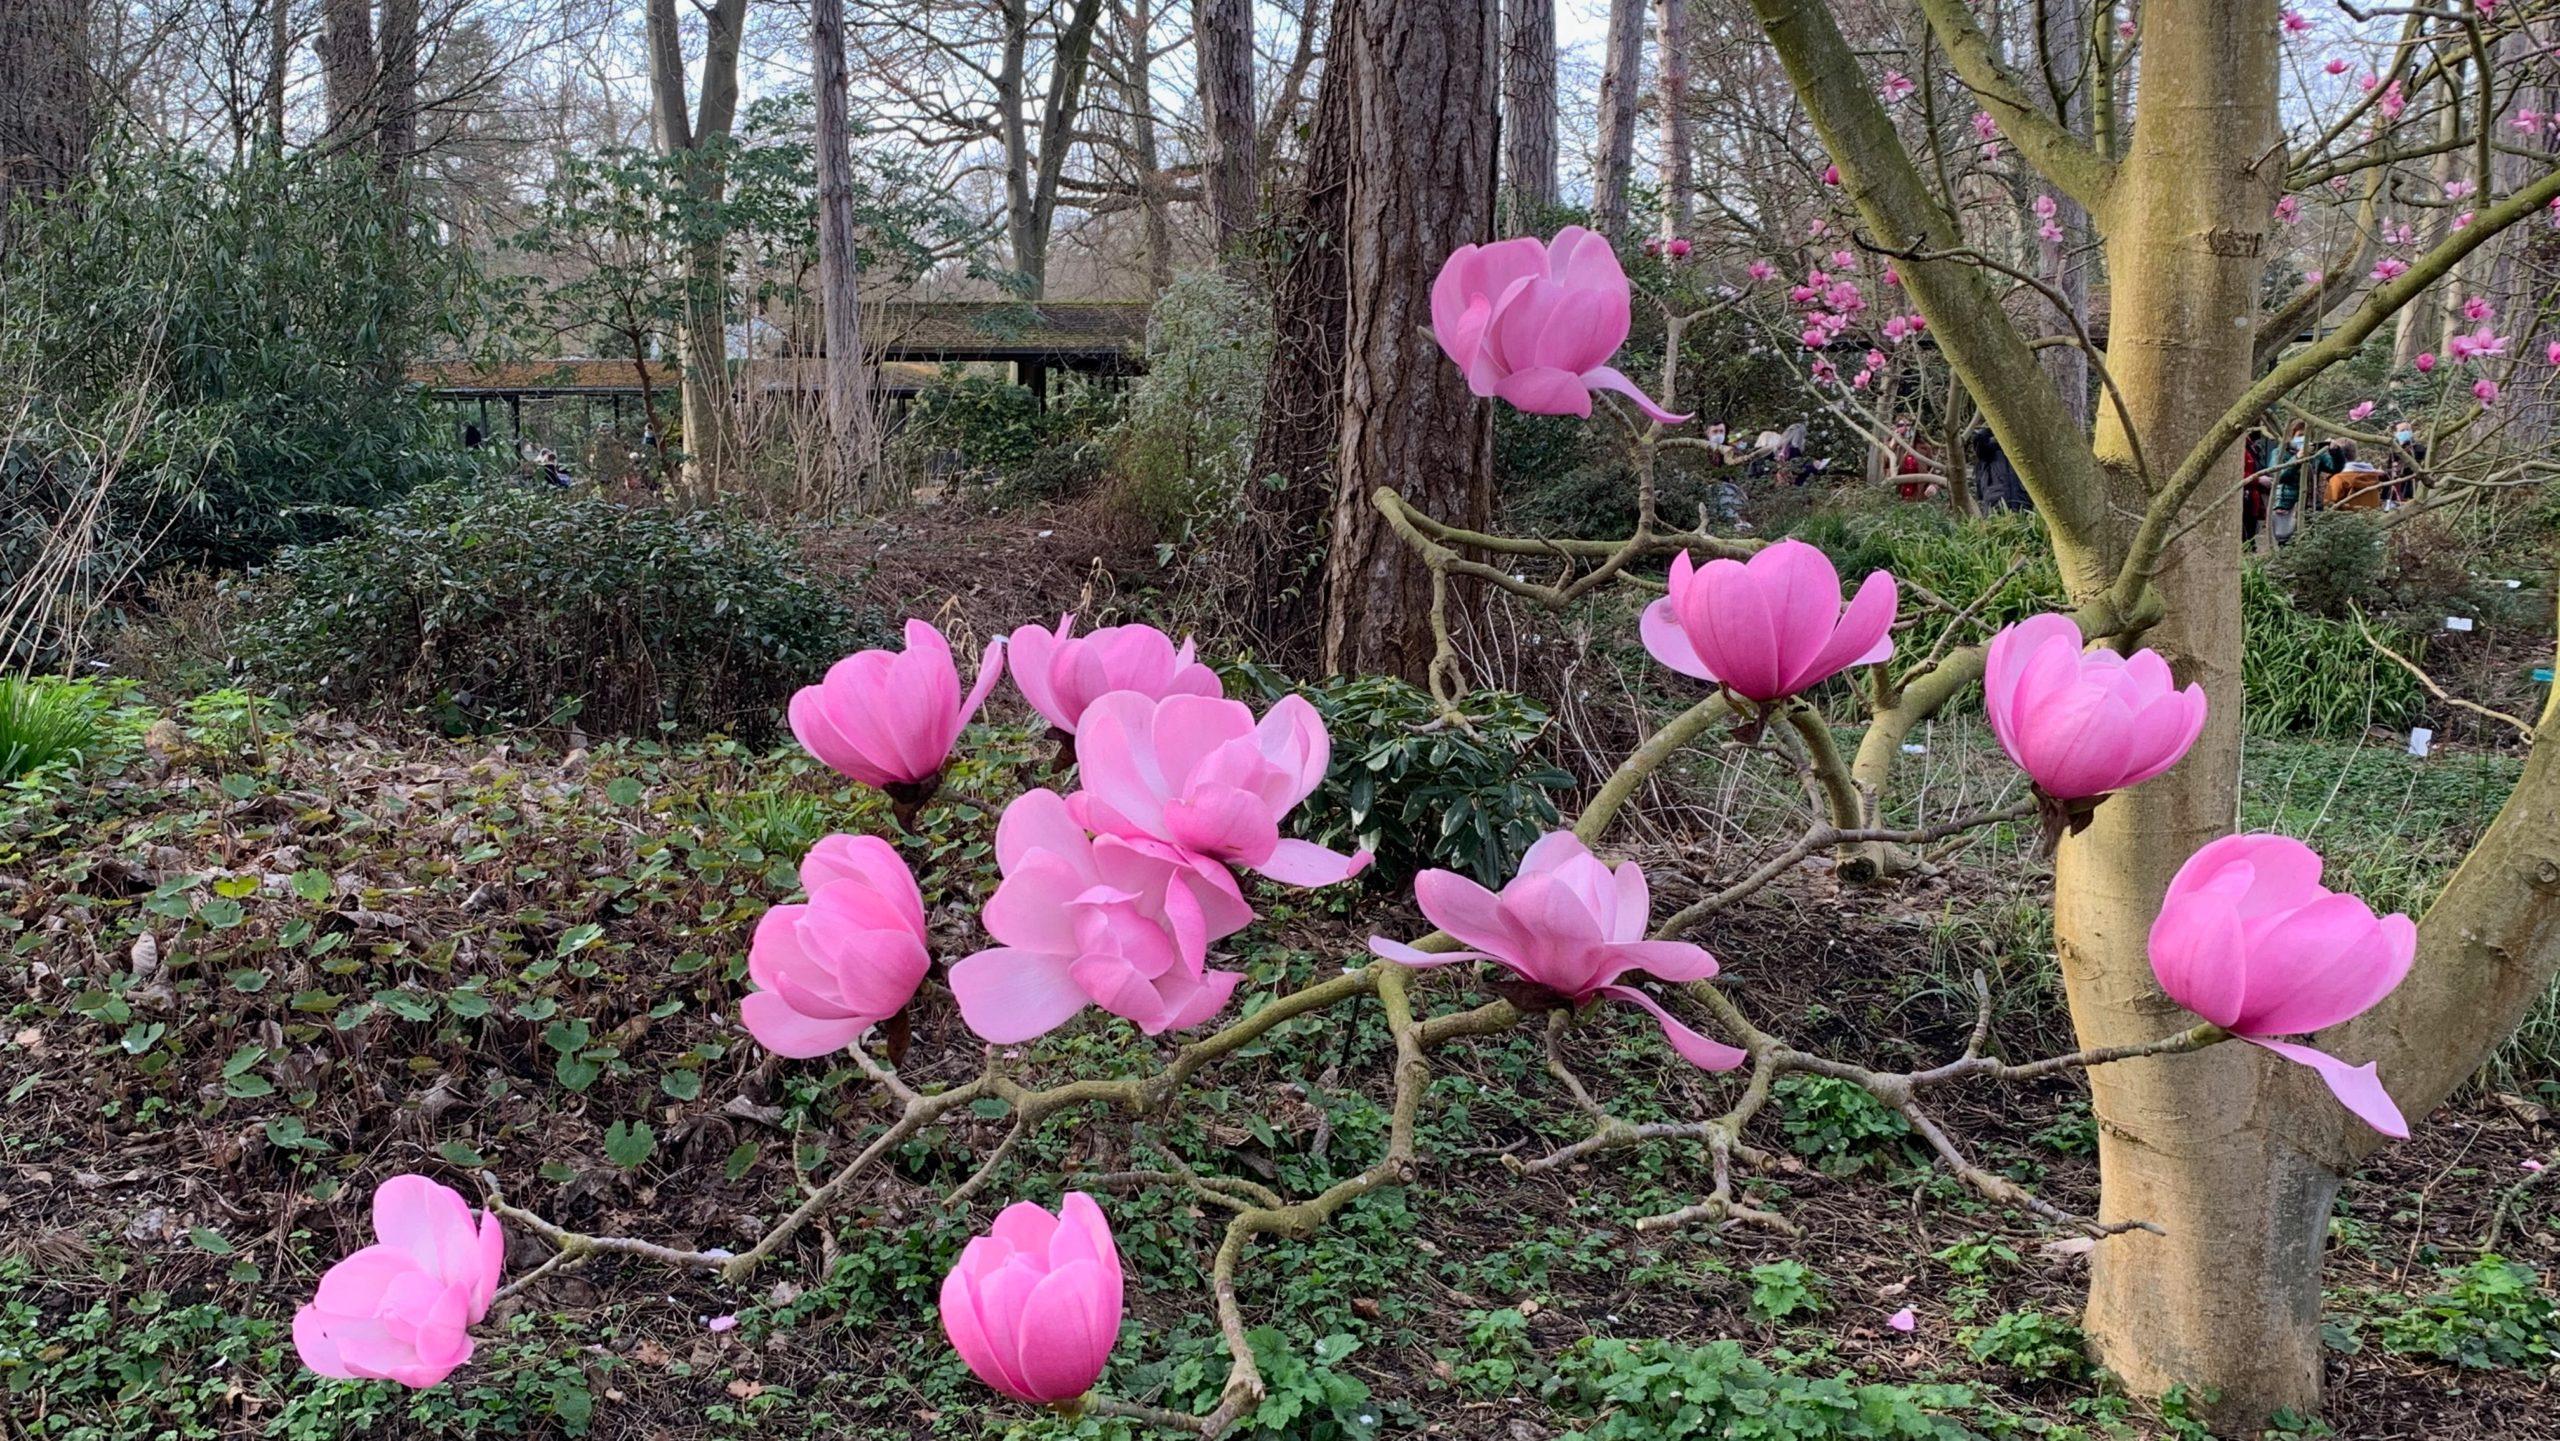 Magnolia au printemps -Parc floral de Paris